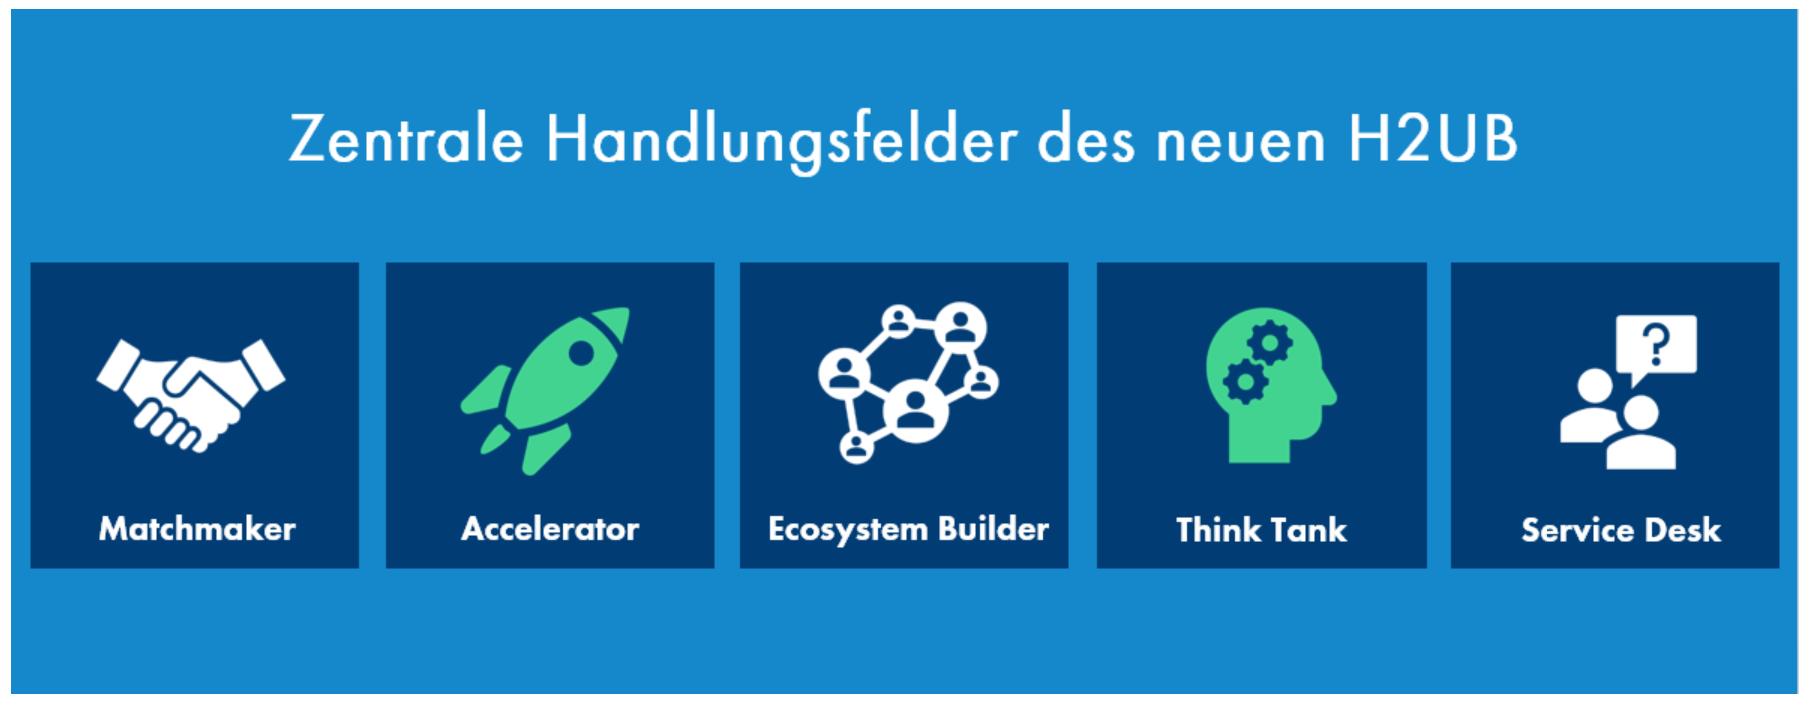 Zentrale Handlungsfelder des neuen Wasserstoff-Startup-Hub H2UB